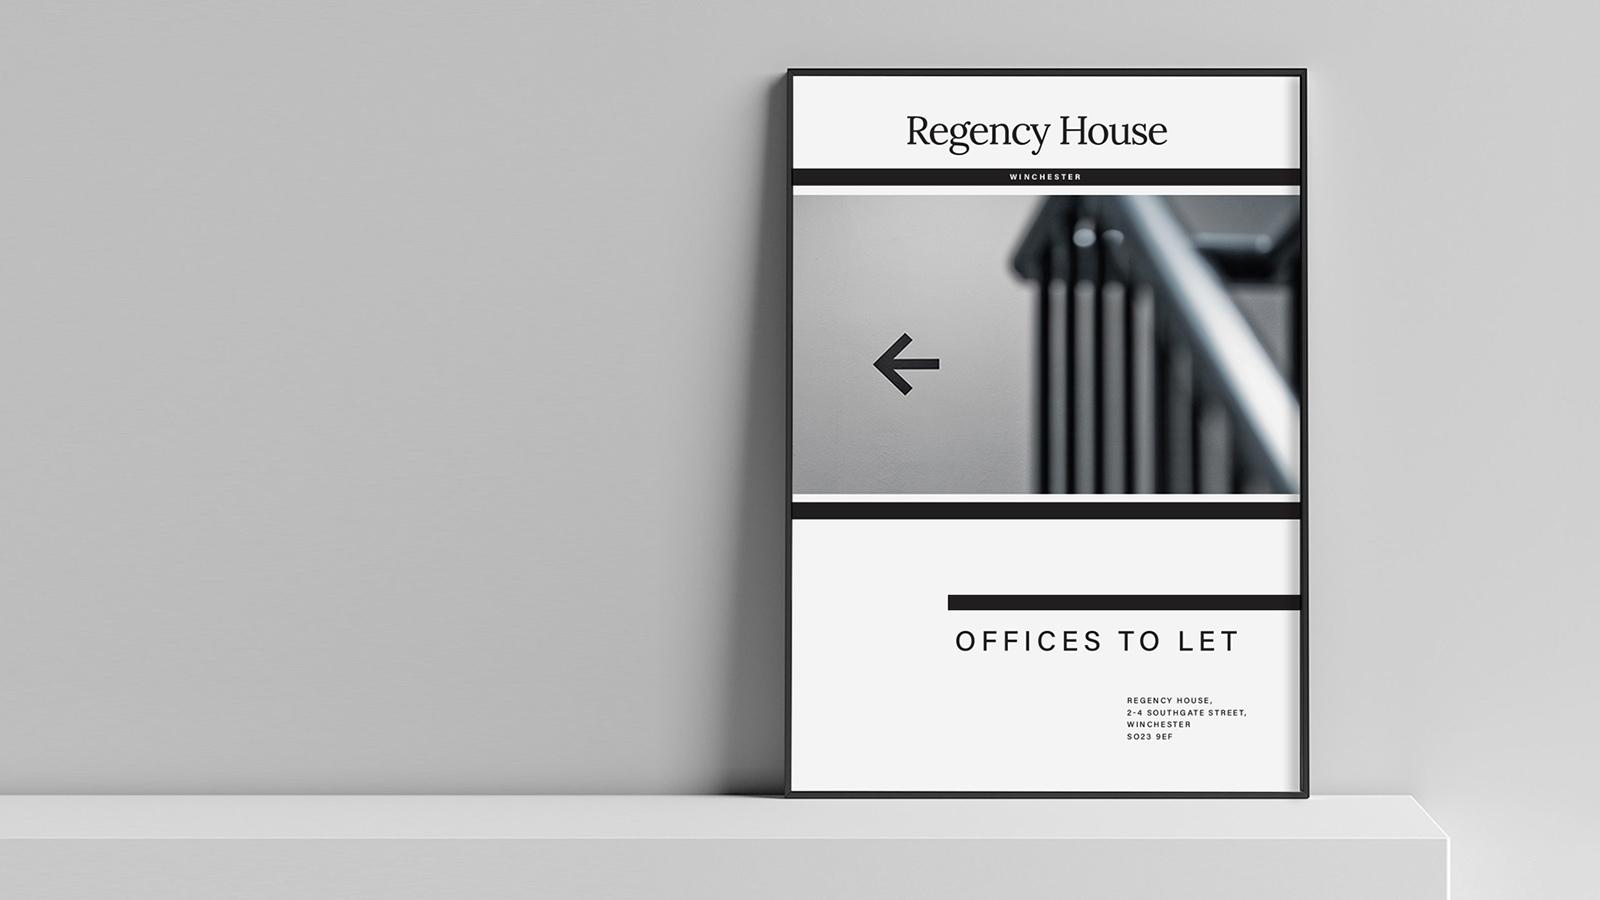 Branding-and-marketing-ALSO_Agency-Regency-House-02.jpg